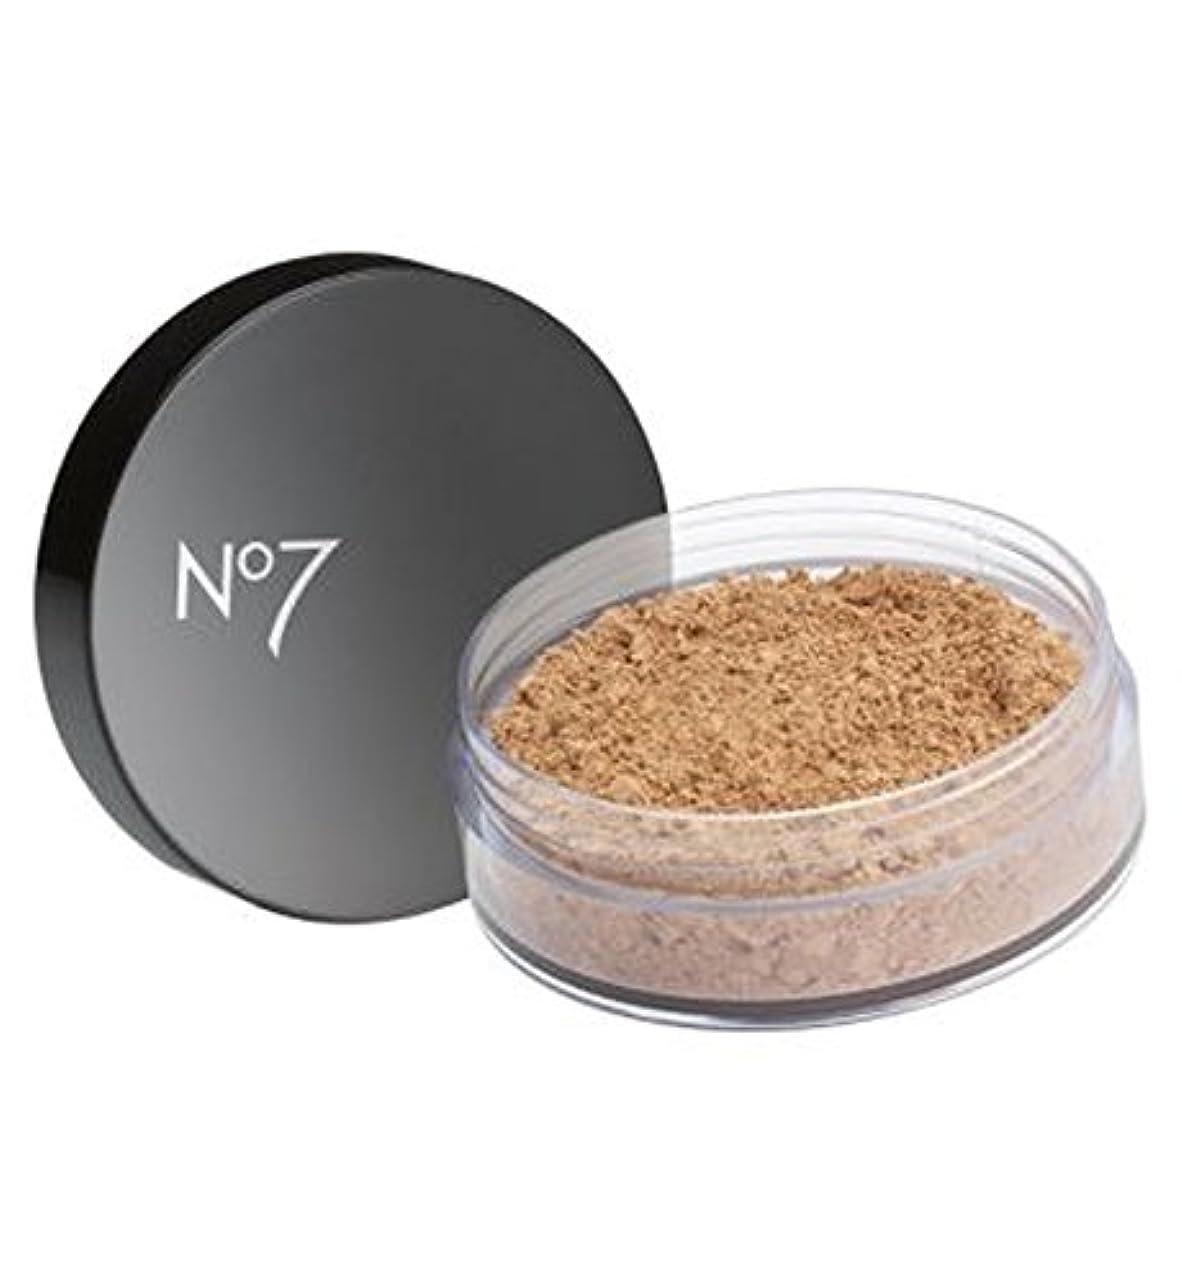 分離再開発信No7ミネラル完璧パウダーファンデーション (No7) (x2) - No7 Mineral Perfection Powder Foundation (Pack of 2) [並行輸入品]